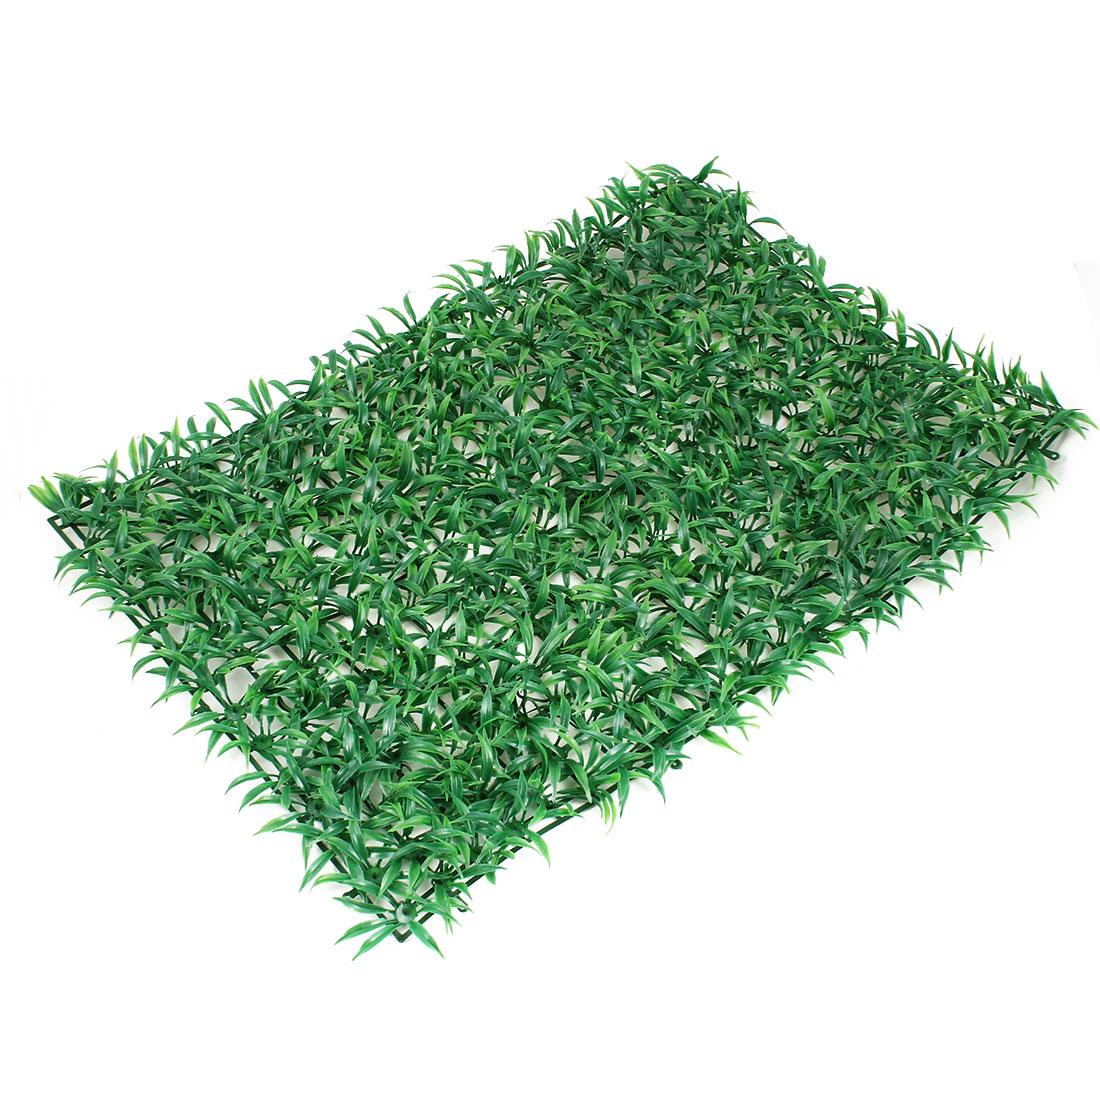 Aquarium Plastic Grass Lawn Artificial Landscape Green